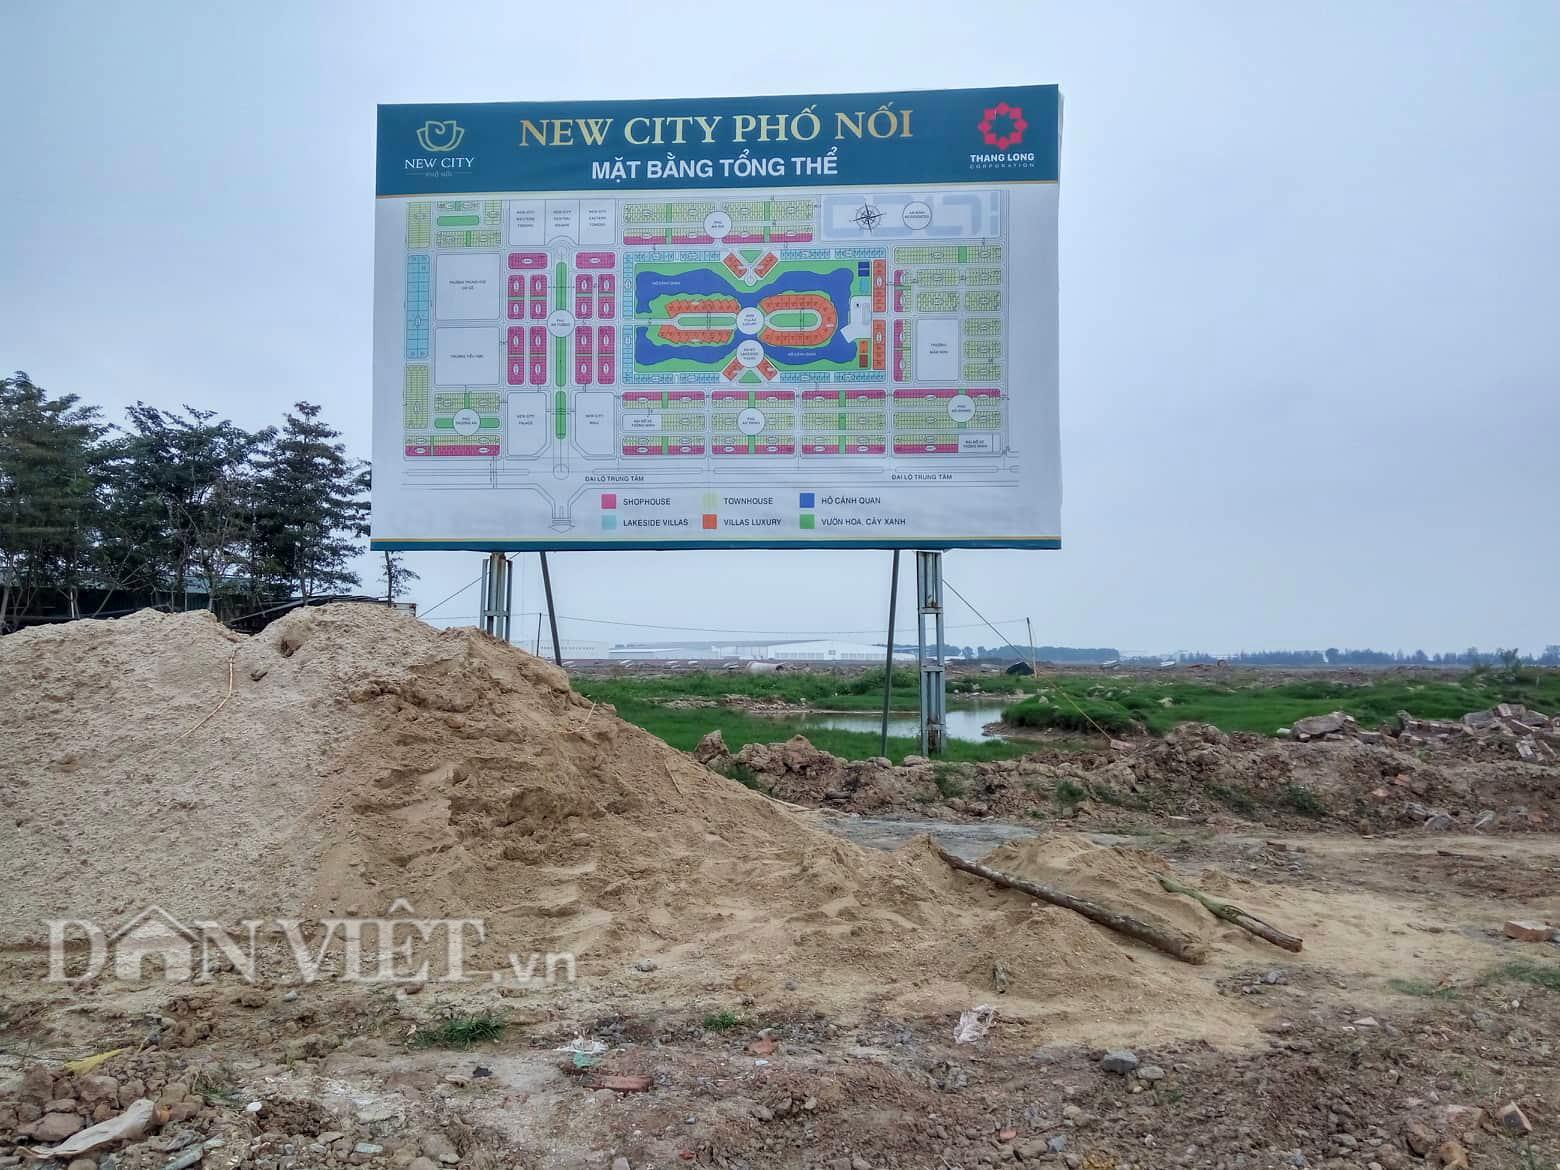 Chi 2 tỷ mua lô đất dự án New City Phố Nối, khách hàng chịu phí dịch vụ gần 600 triệu - Ảnh 1